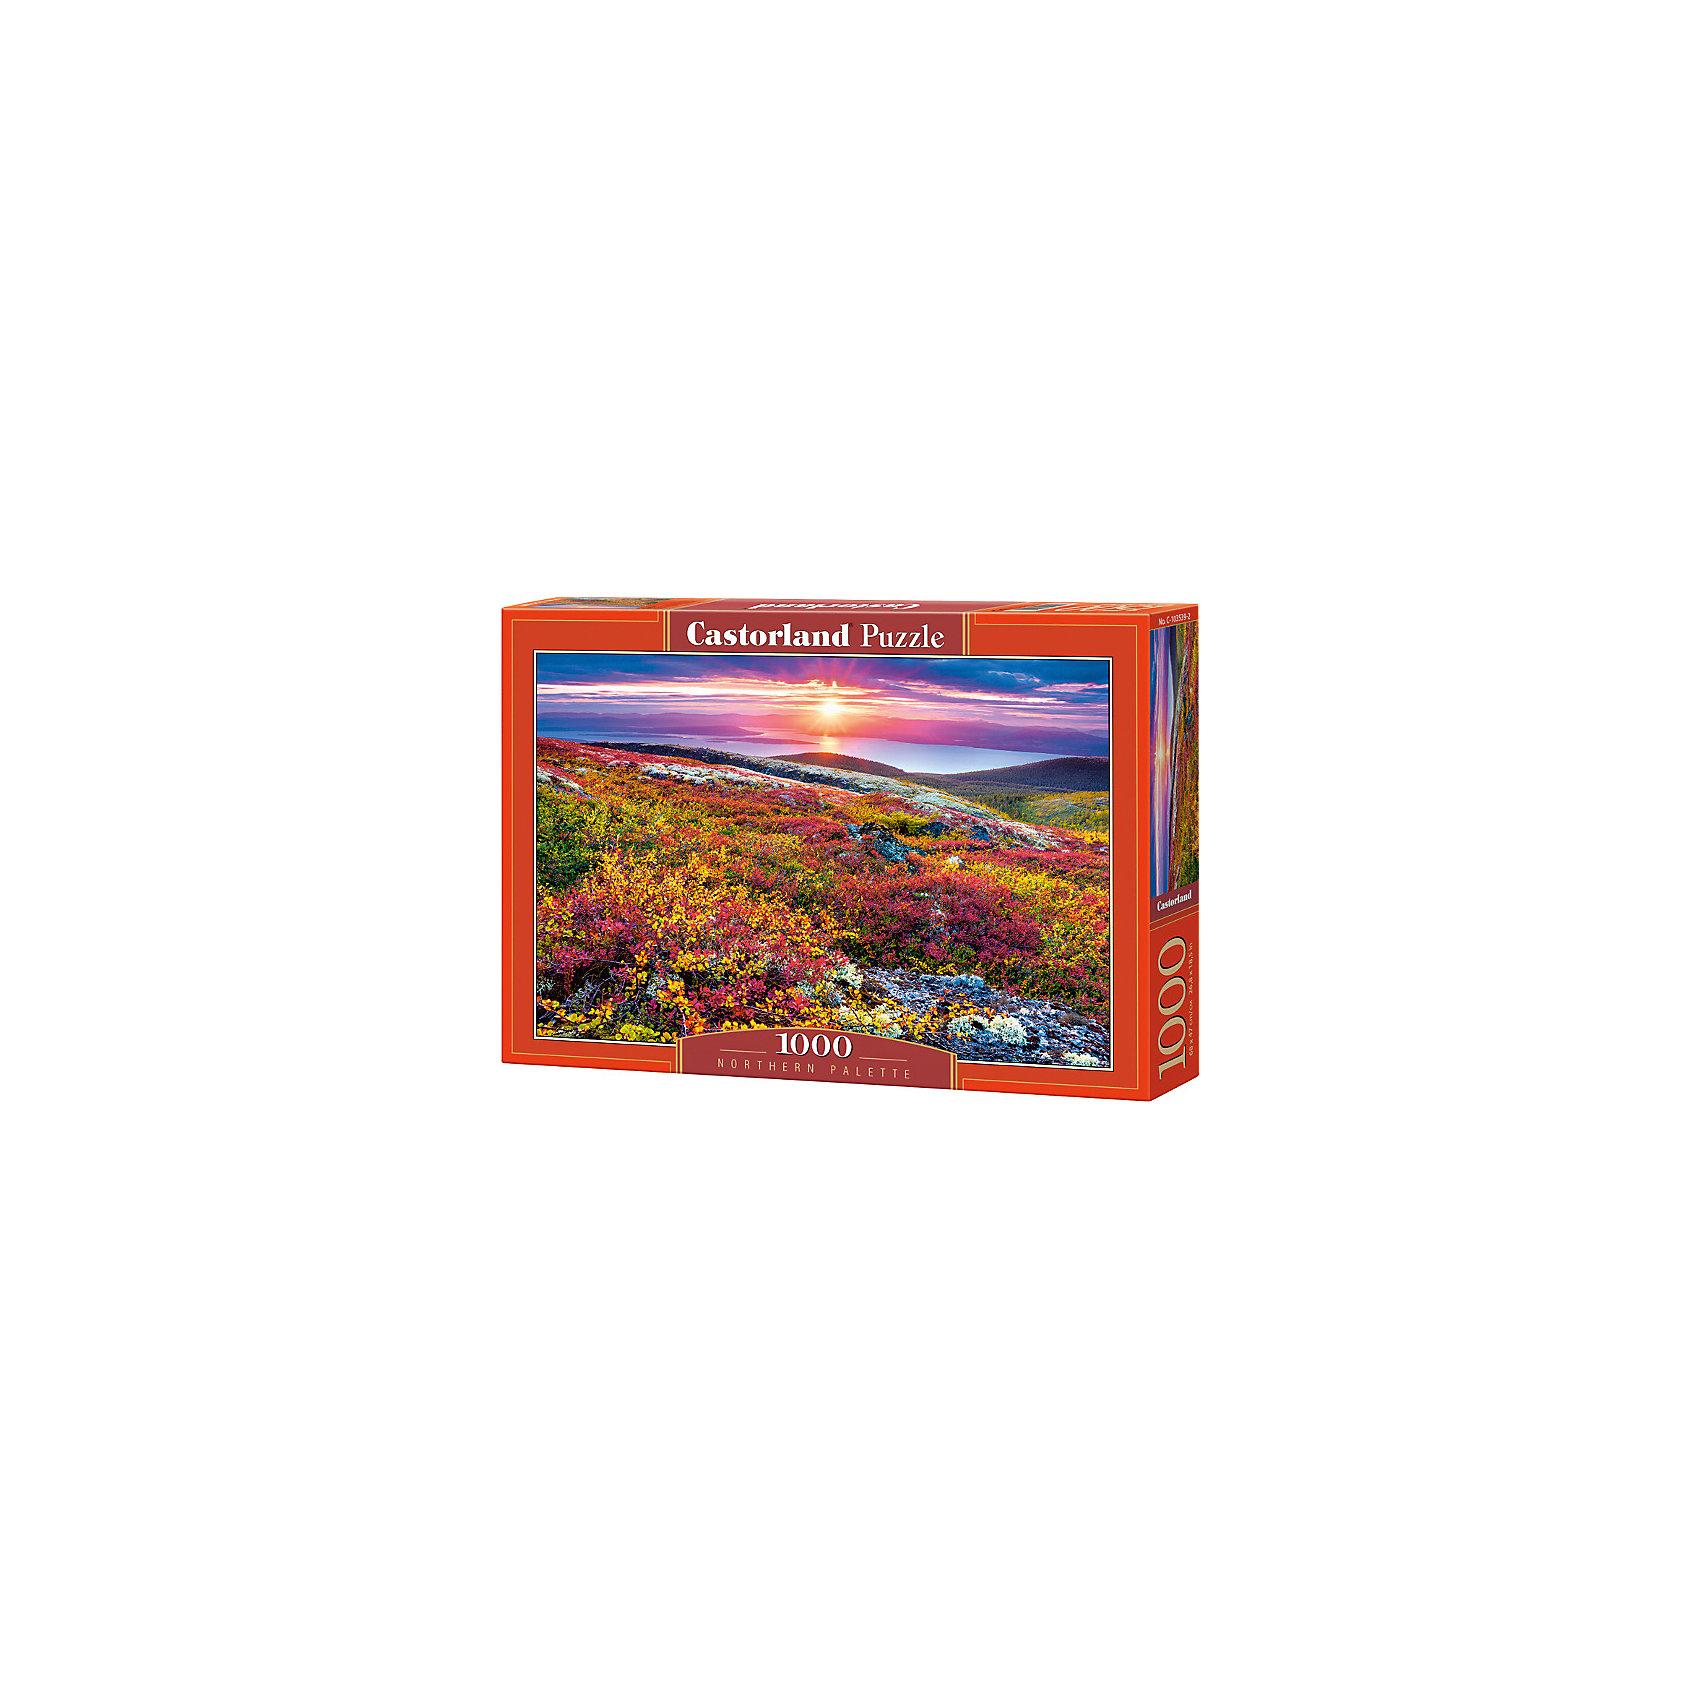 Пазл Северная палитра, 1000 деталей, CastorlandКлассические пазлы<br>Характеристики:<br><br>• возраст: от 9 лет<br>• автор: Александр Ермолицкий<br>• количество деталей: 1000 шт.<br>• размер собранного пазла: 68х47 см.<br>• размер 1 элемента пазла: 1,8х1,8 см.<br>• материал: картон<br>• упаковка: картонная коробка<br>• размер упаковки: 35x5x25 см.<br>• вес: 500 гр.<br>• страна обладатель бренда: Польша<br><br>Пазл «Северная палитра» с живописным пейзажем северных широт предназначен для сборки детьми среднего и старшего возраста и, конечно, для взрослых. Холмы с разноцветными травами, озерная гладь и закат солнца.<br><br>Пазл Северная палитра, 1000 деталей, Castorland (Касторленд) можно купить в нашем интернет-магазине.<br><br>Ширина мм: 350<br>Глубина мм: 250<br>Высота мм: 50<br>Вес г: 500<br>Возраст от месяцев: 108<br>Возраст до месяцев: 2147483647<br>Пол: Унисекс<br>Возраст: Детский<br>SKU: 6725068